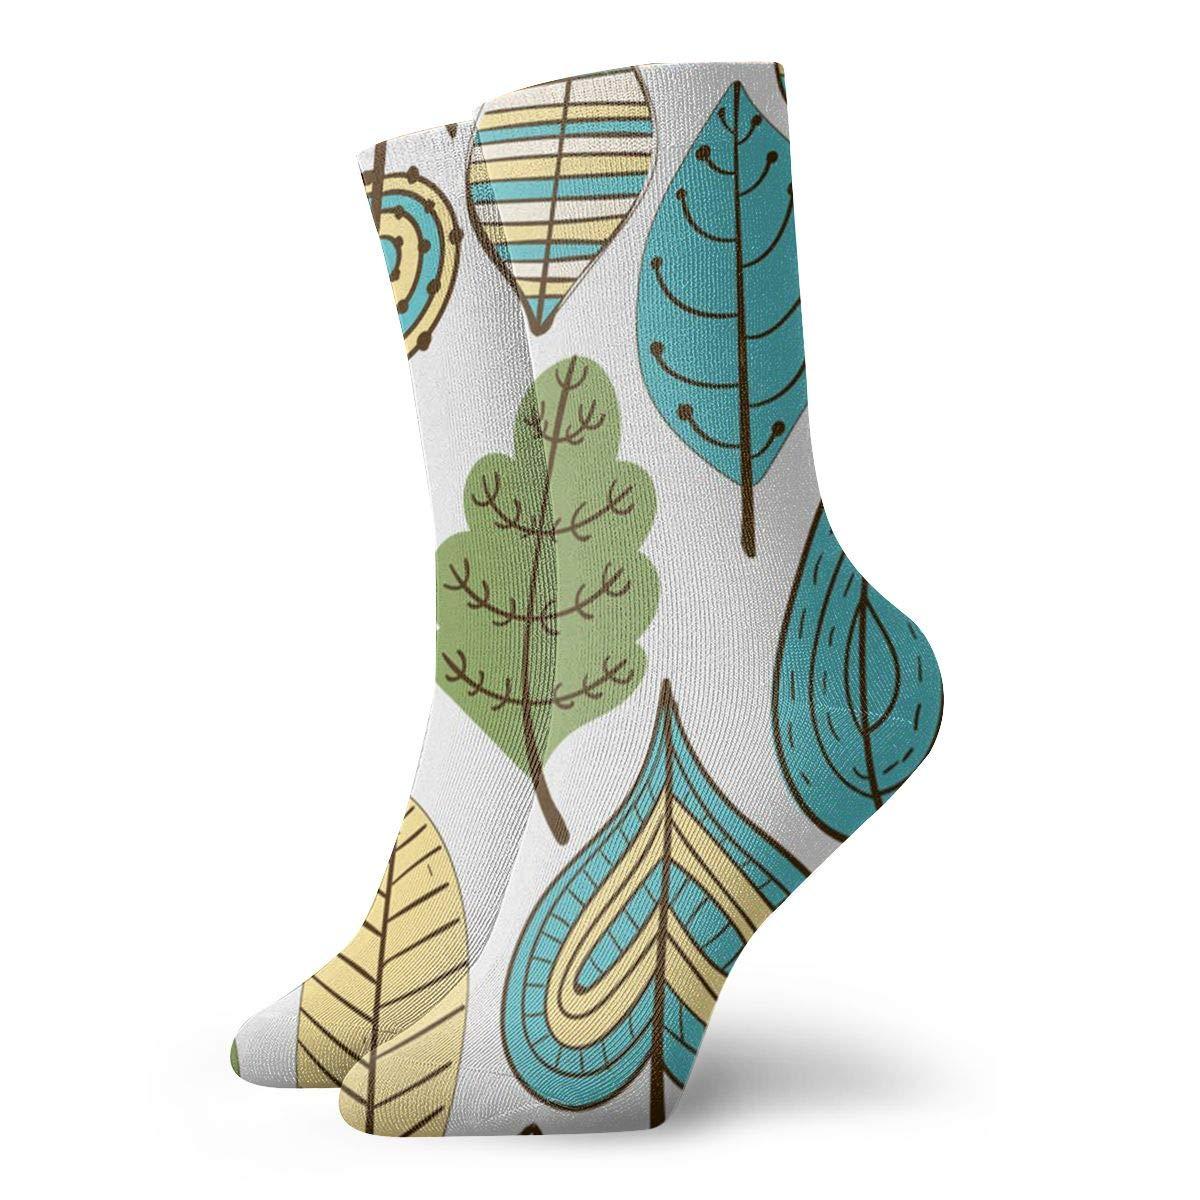 SESY Tropical Leaves Unisex Crew Socks Short Sports Stocking